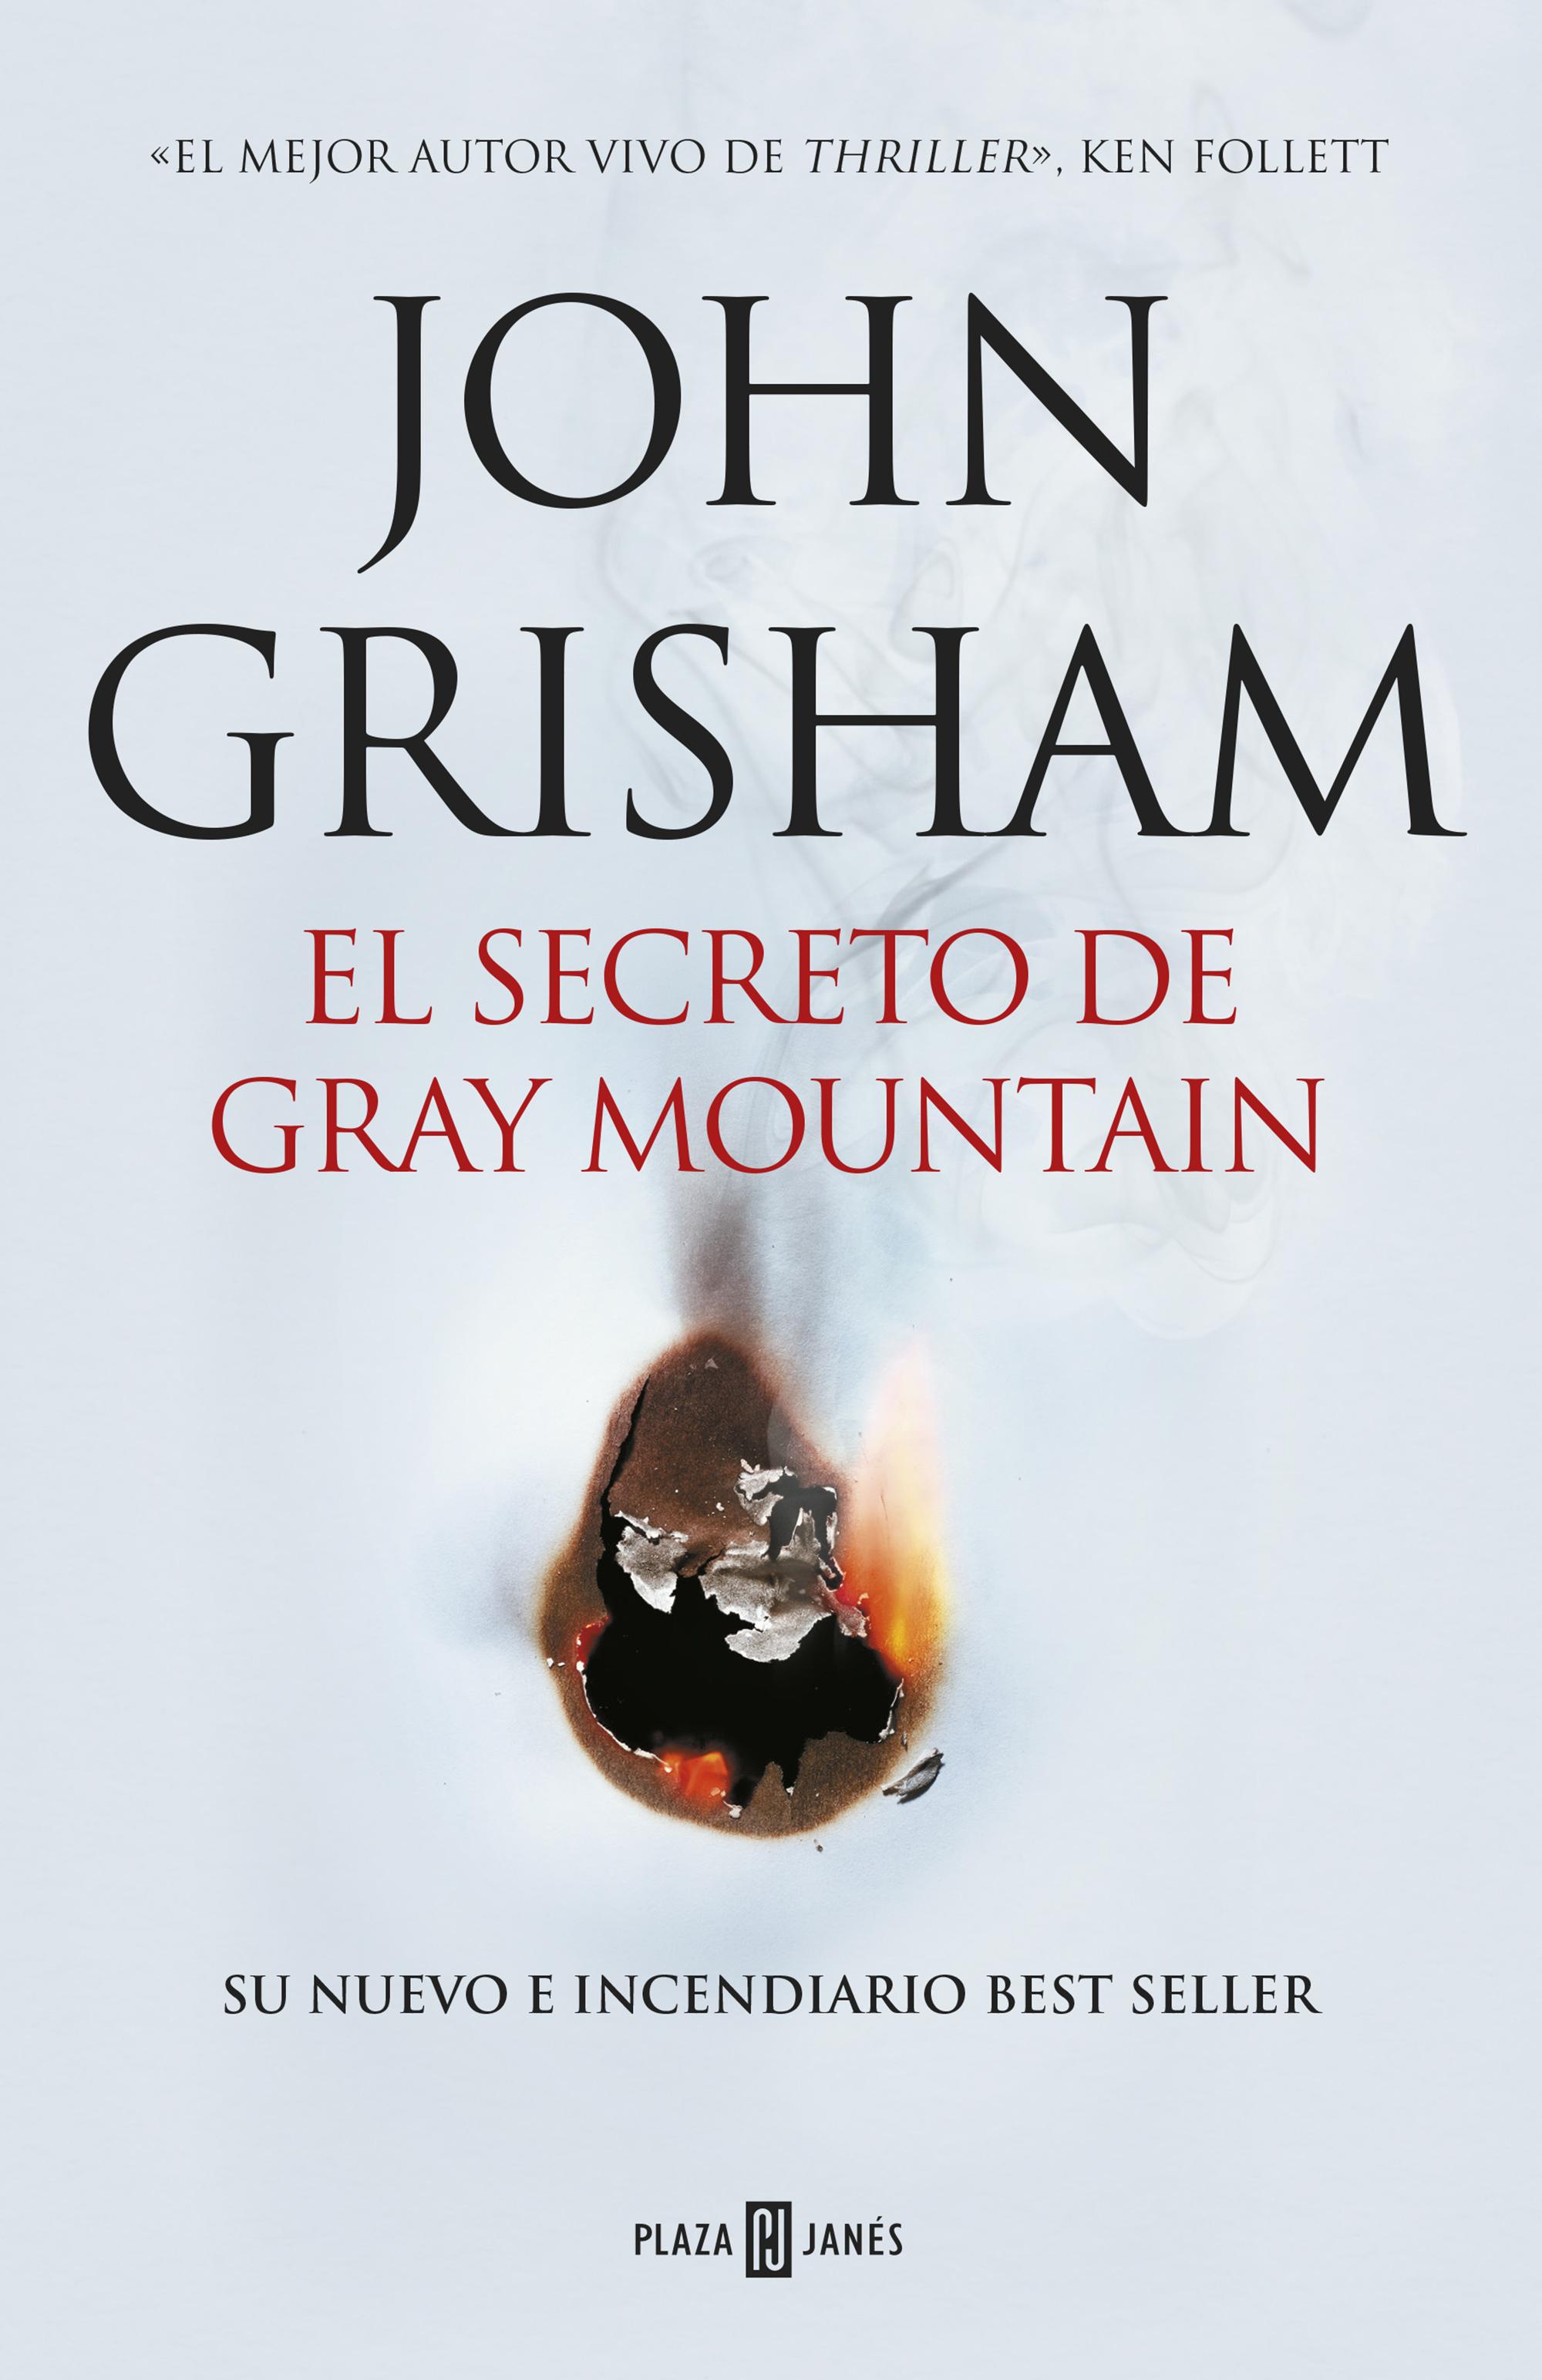 El Secreto de Gray Mountain - John Grisham Portada